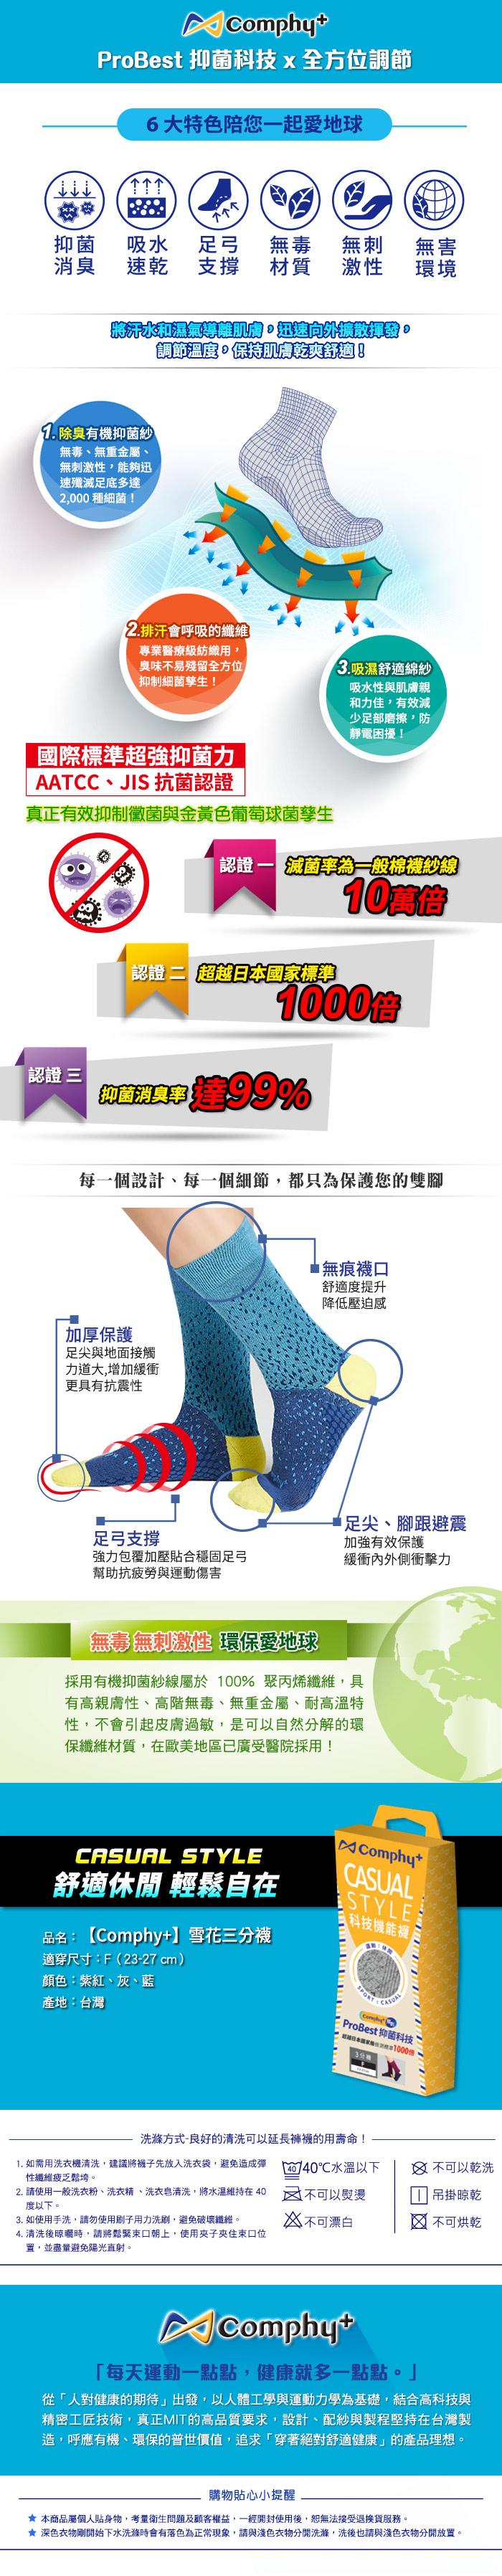 comphy,comphyplus,運動襪,科技機能襪,除臭襪,抑菌襪,除臭,抑菌,阿瘦皮鞋,襪子,休閒襪